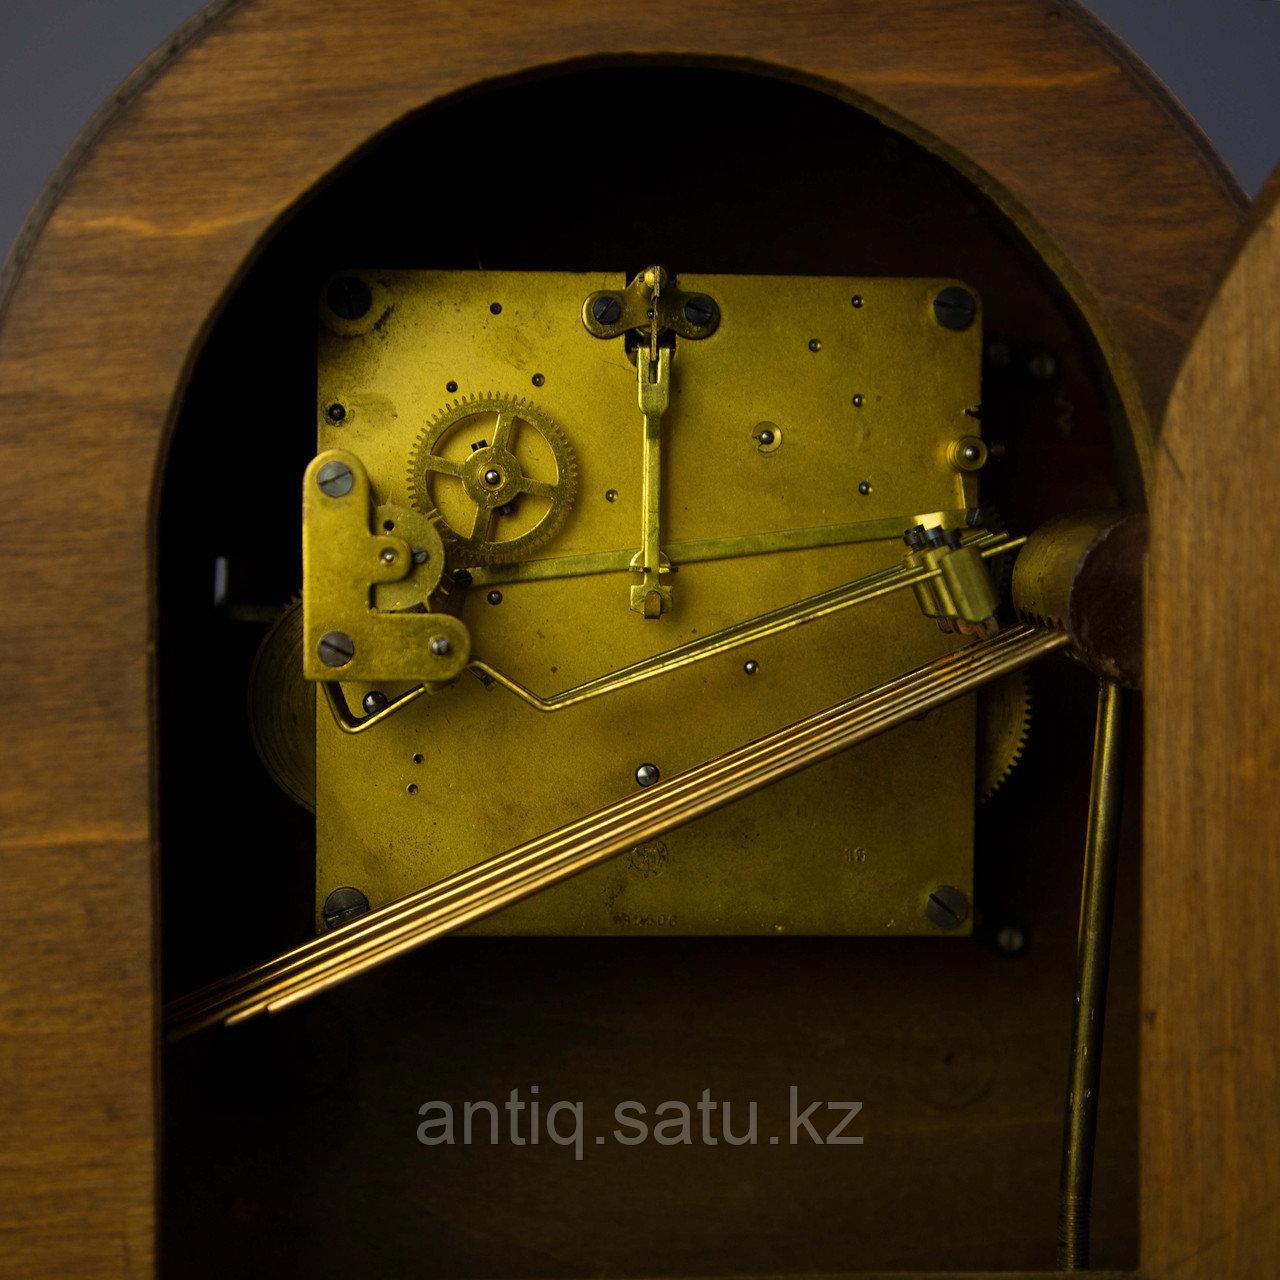 Настольные часы, Германия, I пол. ХХ века. - фото 8